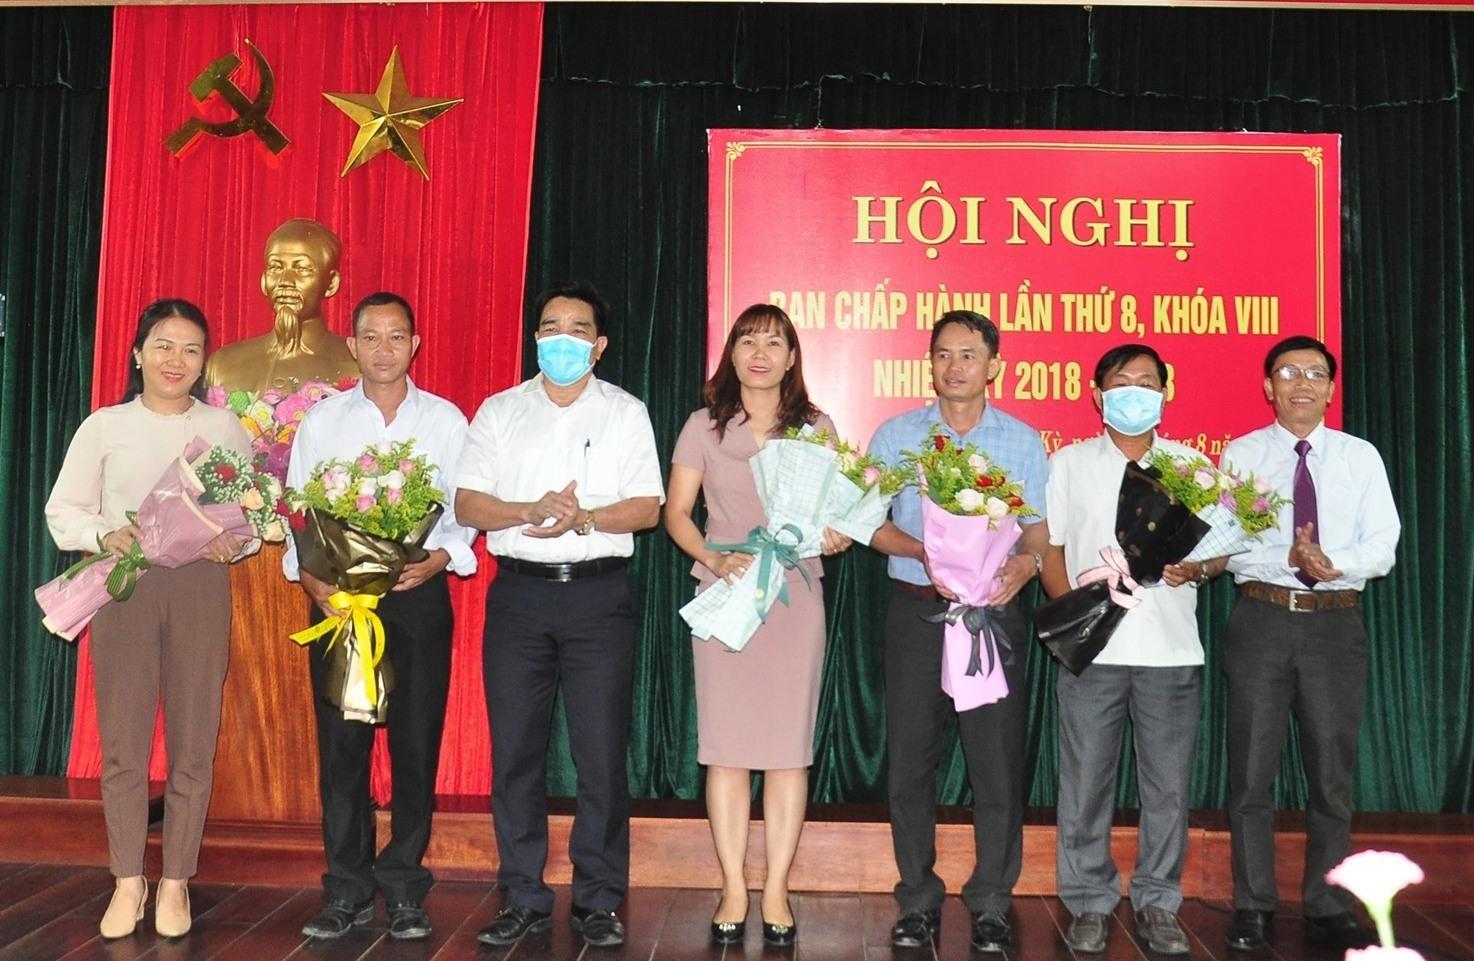 5 đồng chí được hội nghị bầu bổ sung vào Ban Chấp hành Hội ND tỉnh khóa VIII. Ảnh: VINH ANH